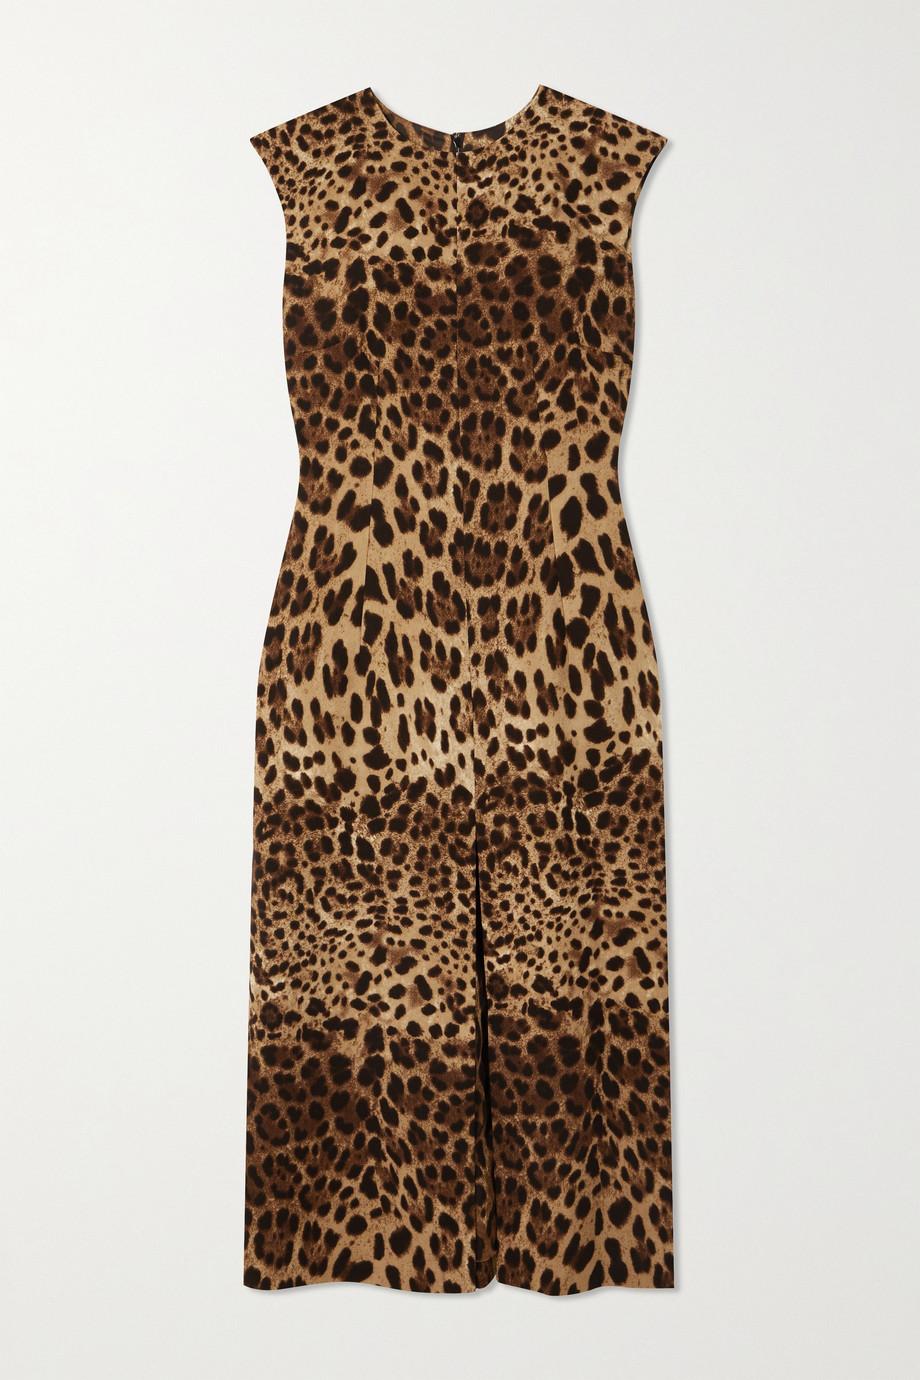 Dolce & Gabbana Mini-robe en crêpe de laine à imprimé léopard